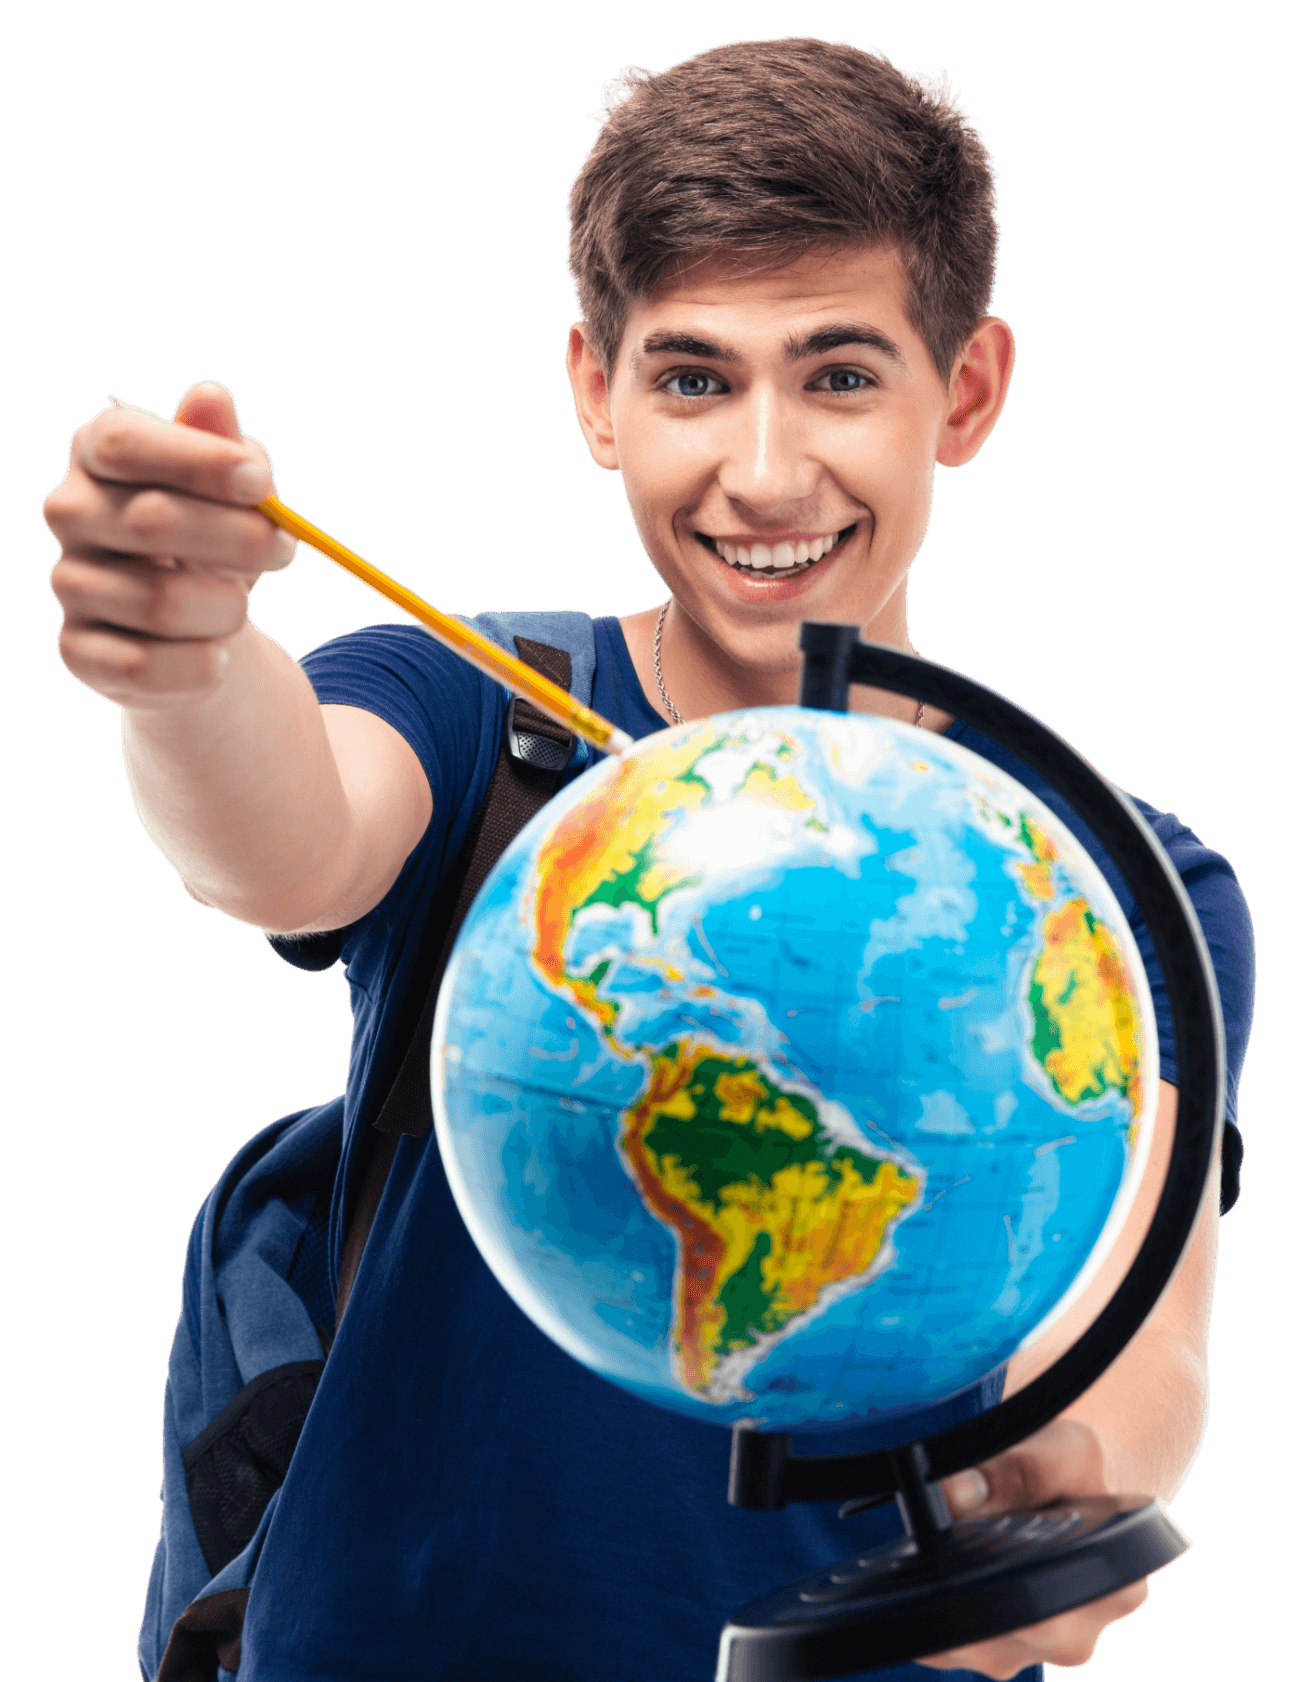 Szkoła językowa Magus Targówek - kursy językowe